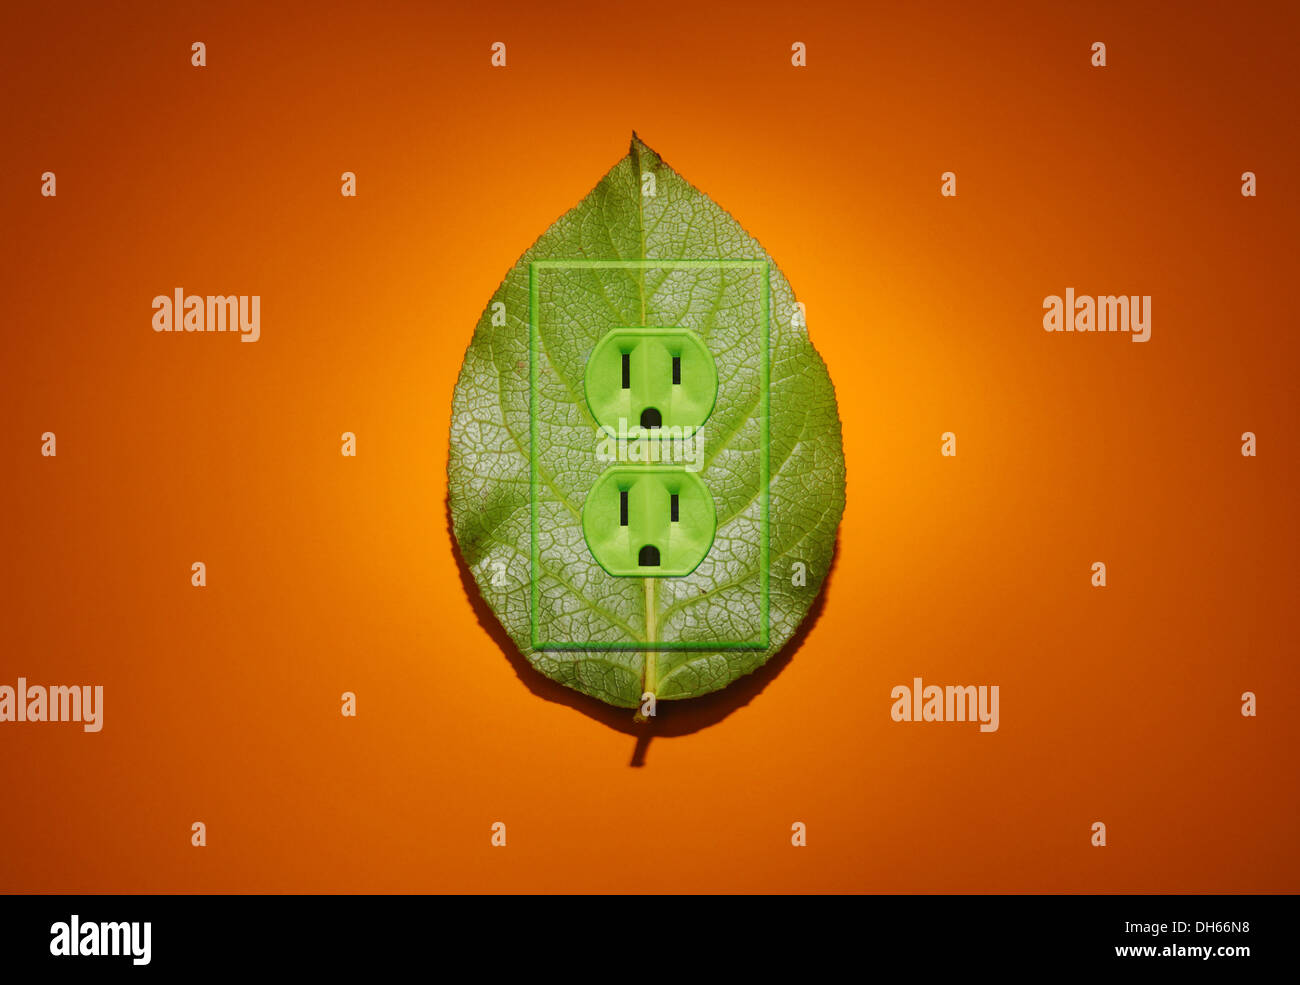 Una pianta verde con foglie di colore verde prese elettriche aggiunto. Luminose sfondo arancione Immagini Stock